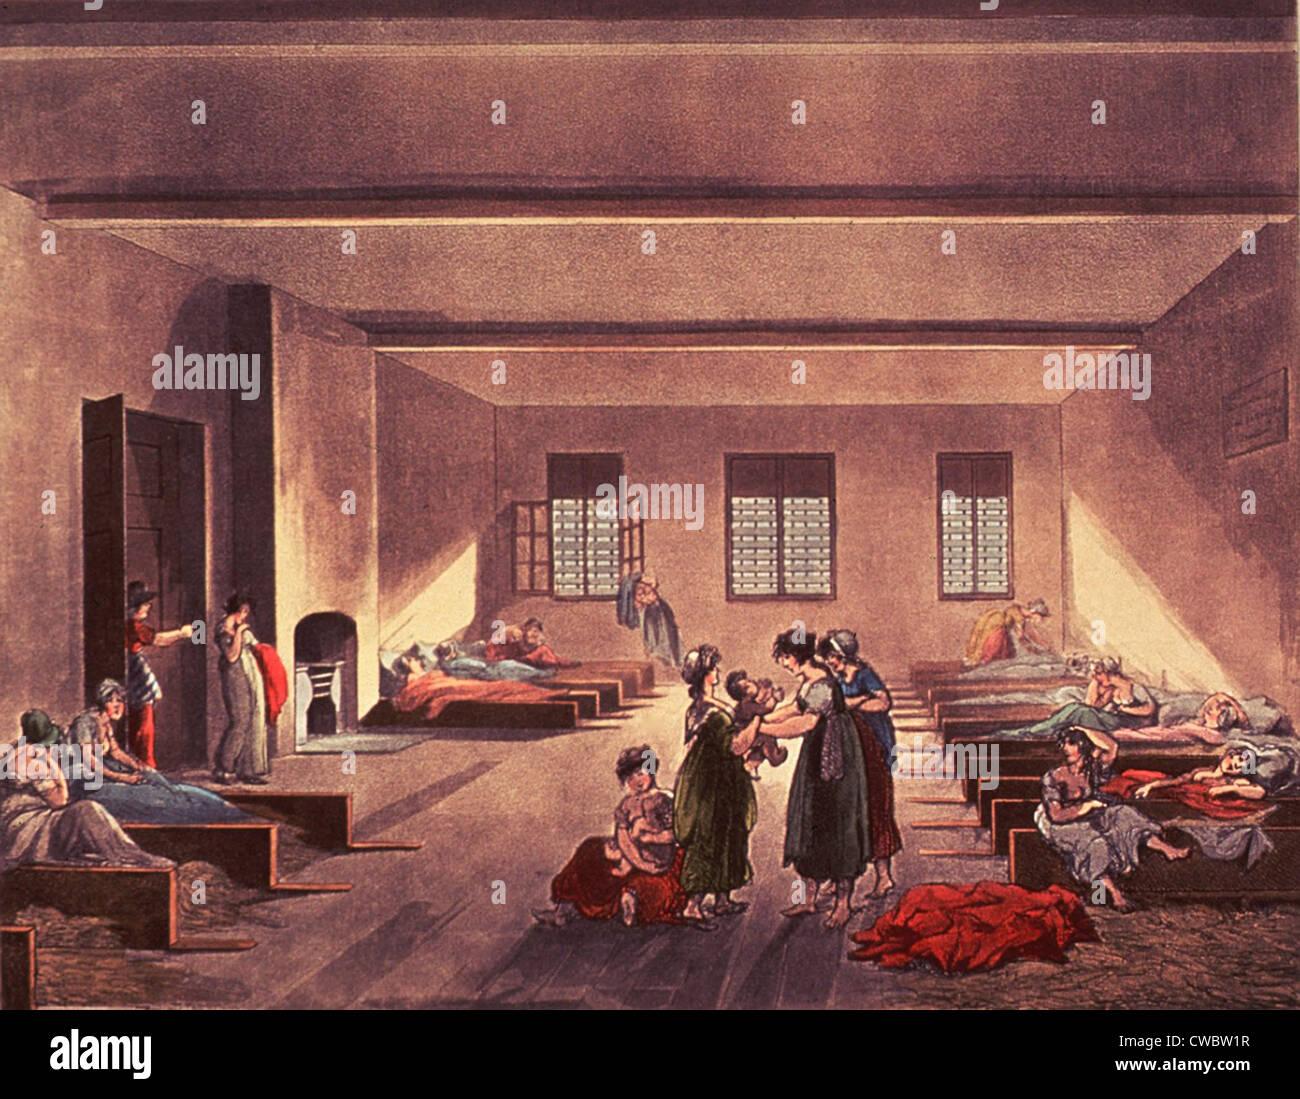 Sala de detenção em Hospital de Londres Bridewell, para desabrigados, empobrecida, e provavelmente único Imagens de Stock